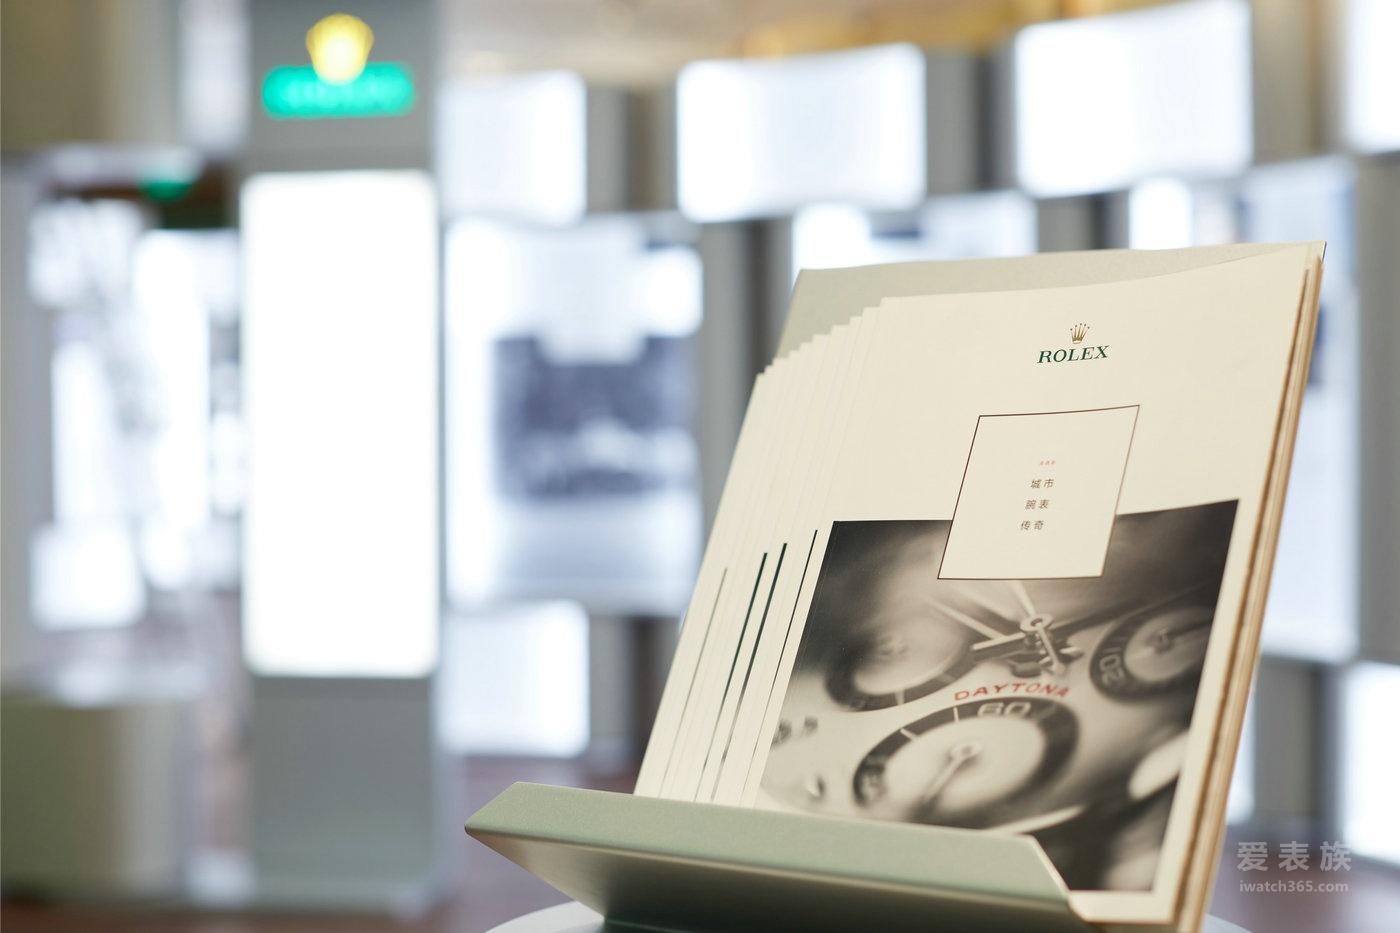 劳力士 2016 年迪通拿系列展览会:鉴赏注定与速度比拼的腕表